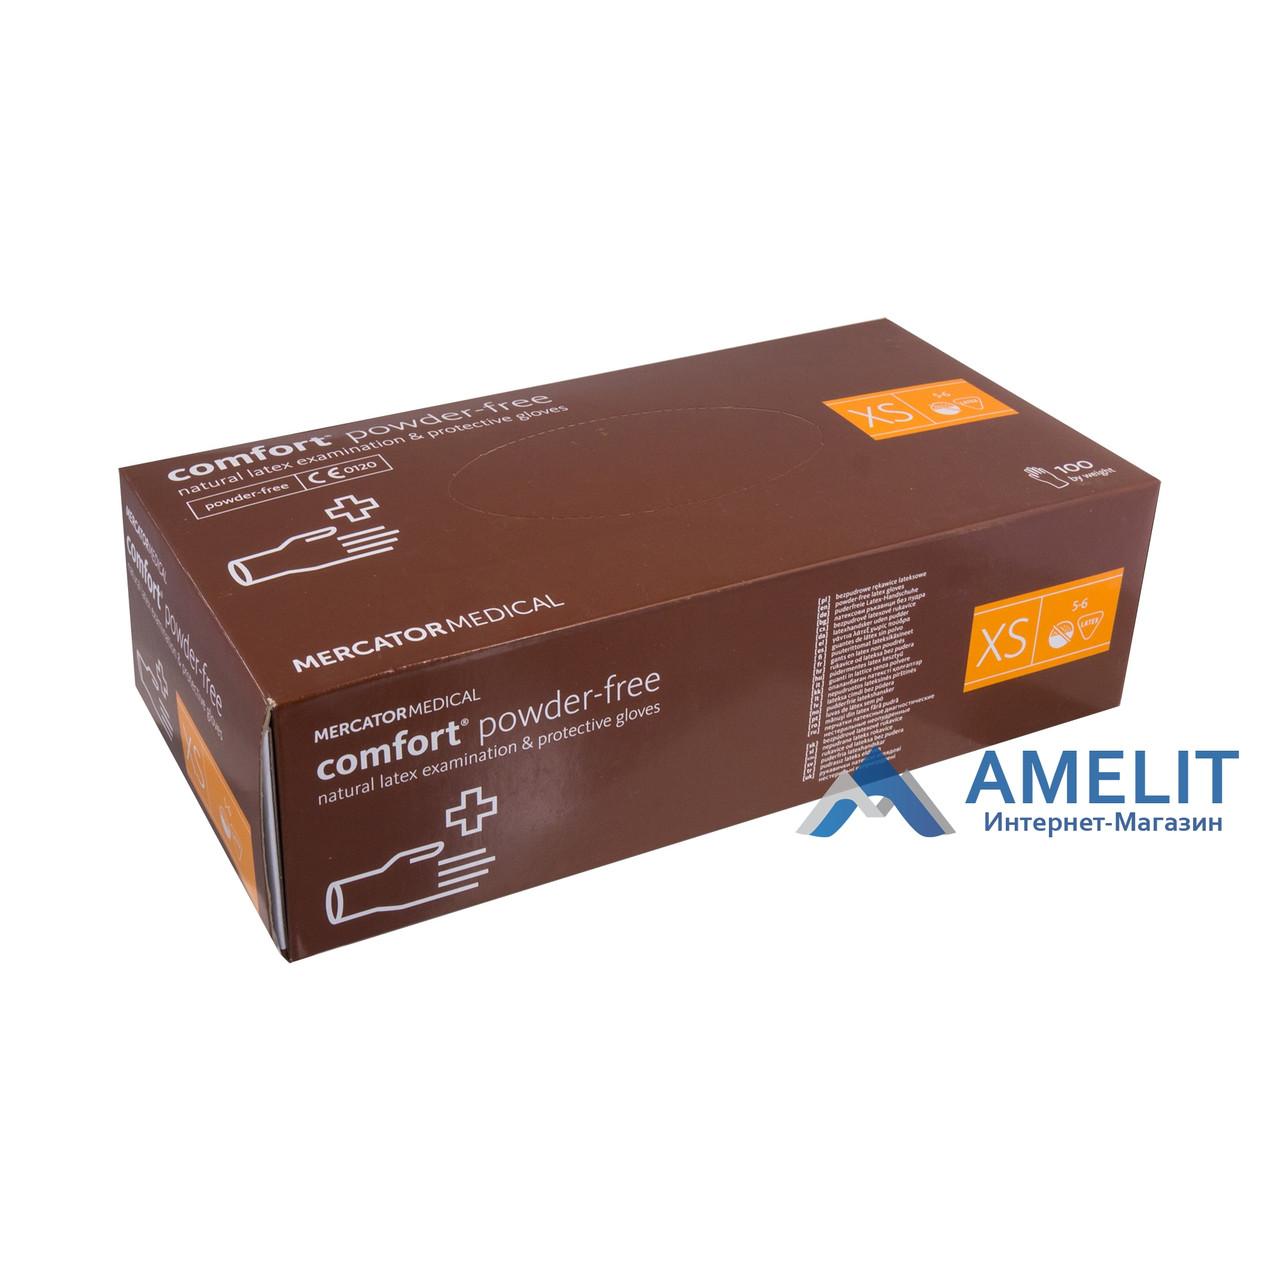 Перчатки латексные Комфорт ПФ (Comfort PF, Mercator Medical), бежевые, размер «XS», 50пар/упак.